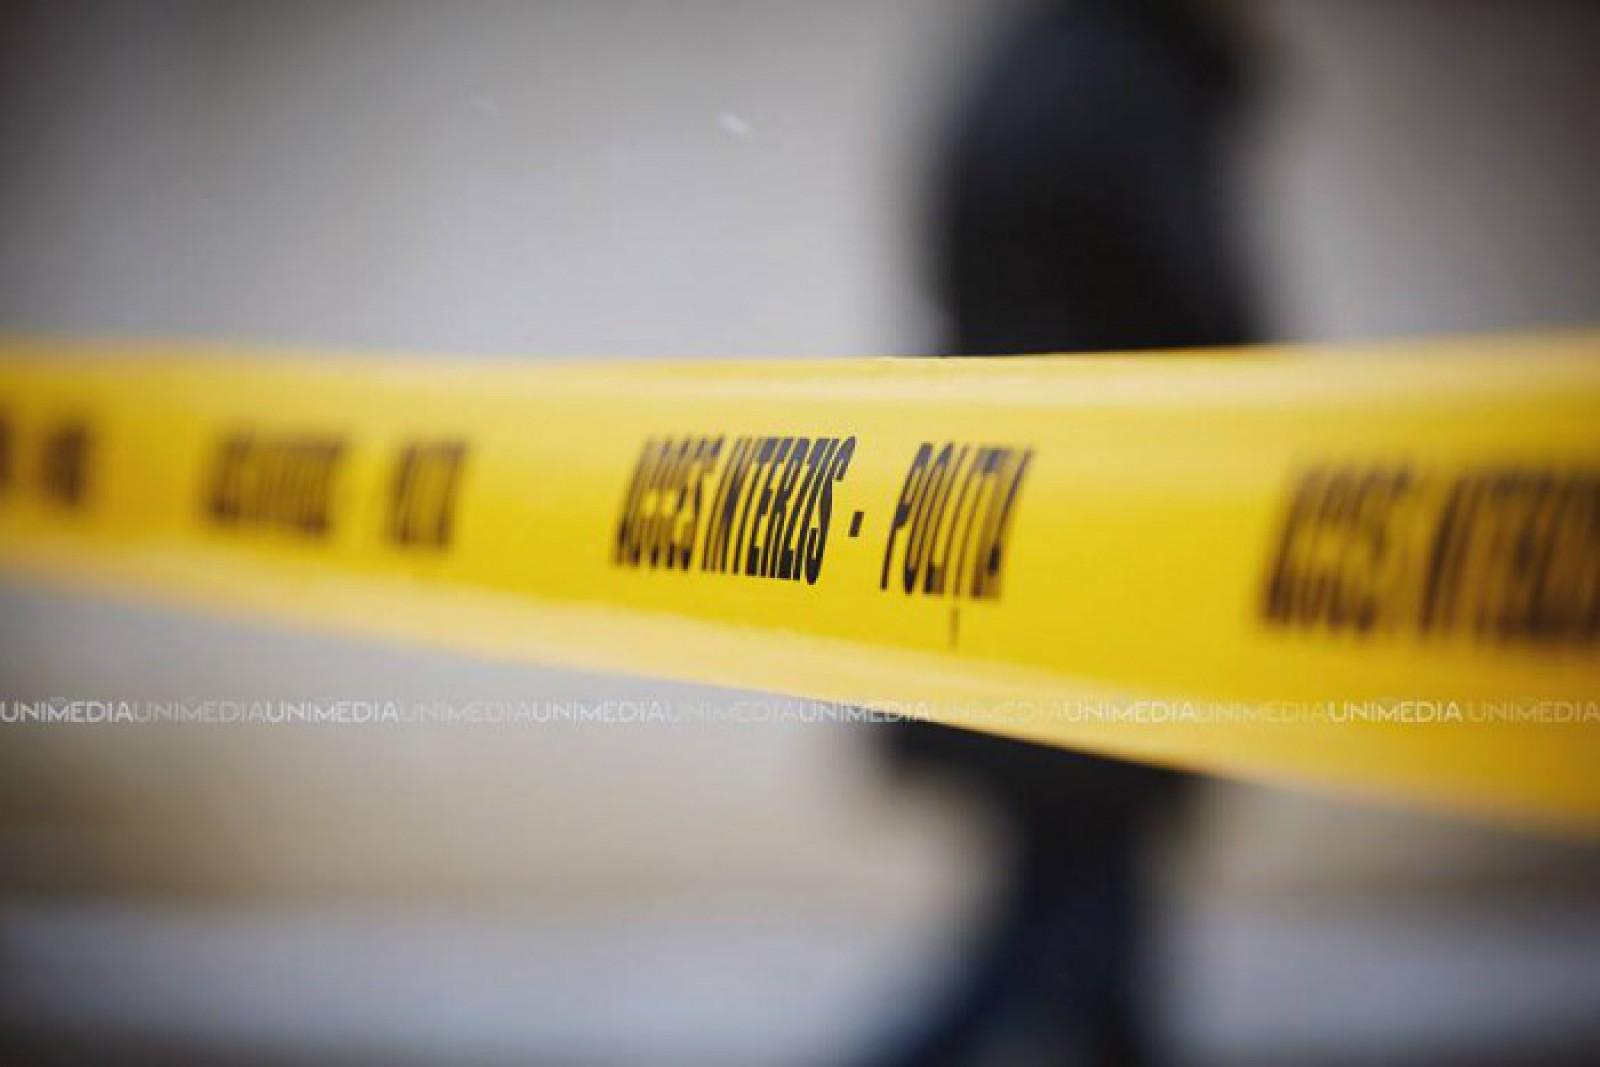 Un bărbat, găsit mort într-o fântână de pe șoseaua Balcani: Ce spune poliția